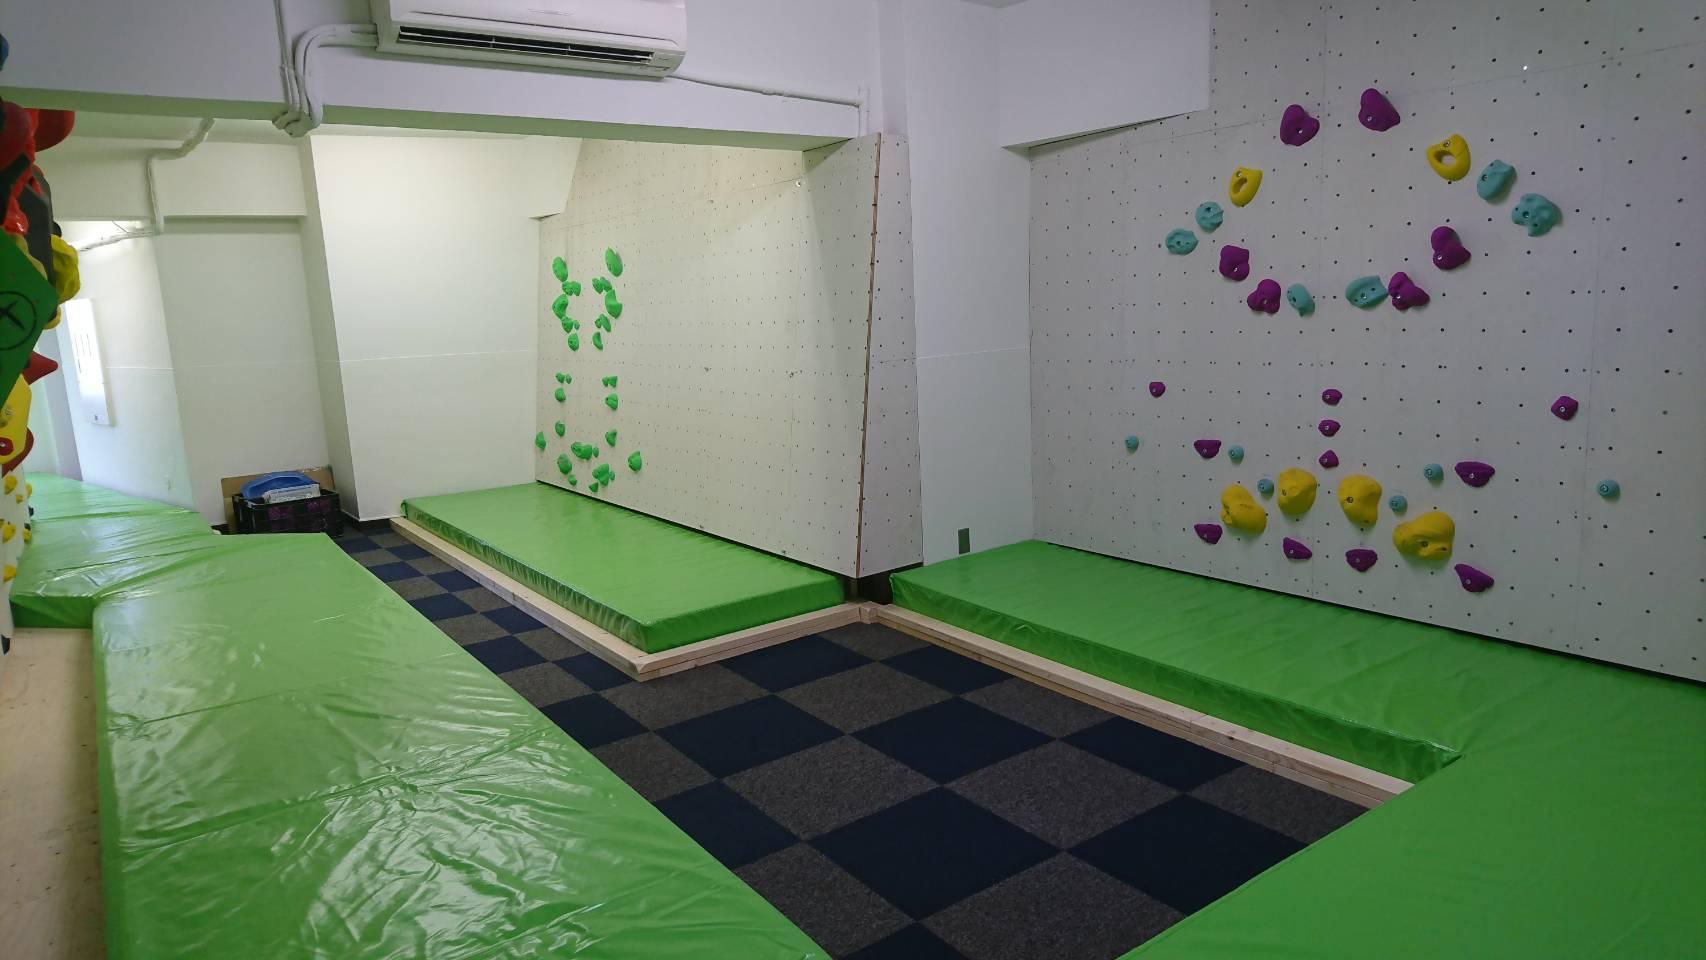 新宿パンプアカデミー様 (東京都新宿区)